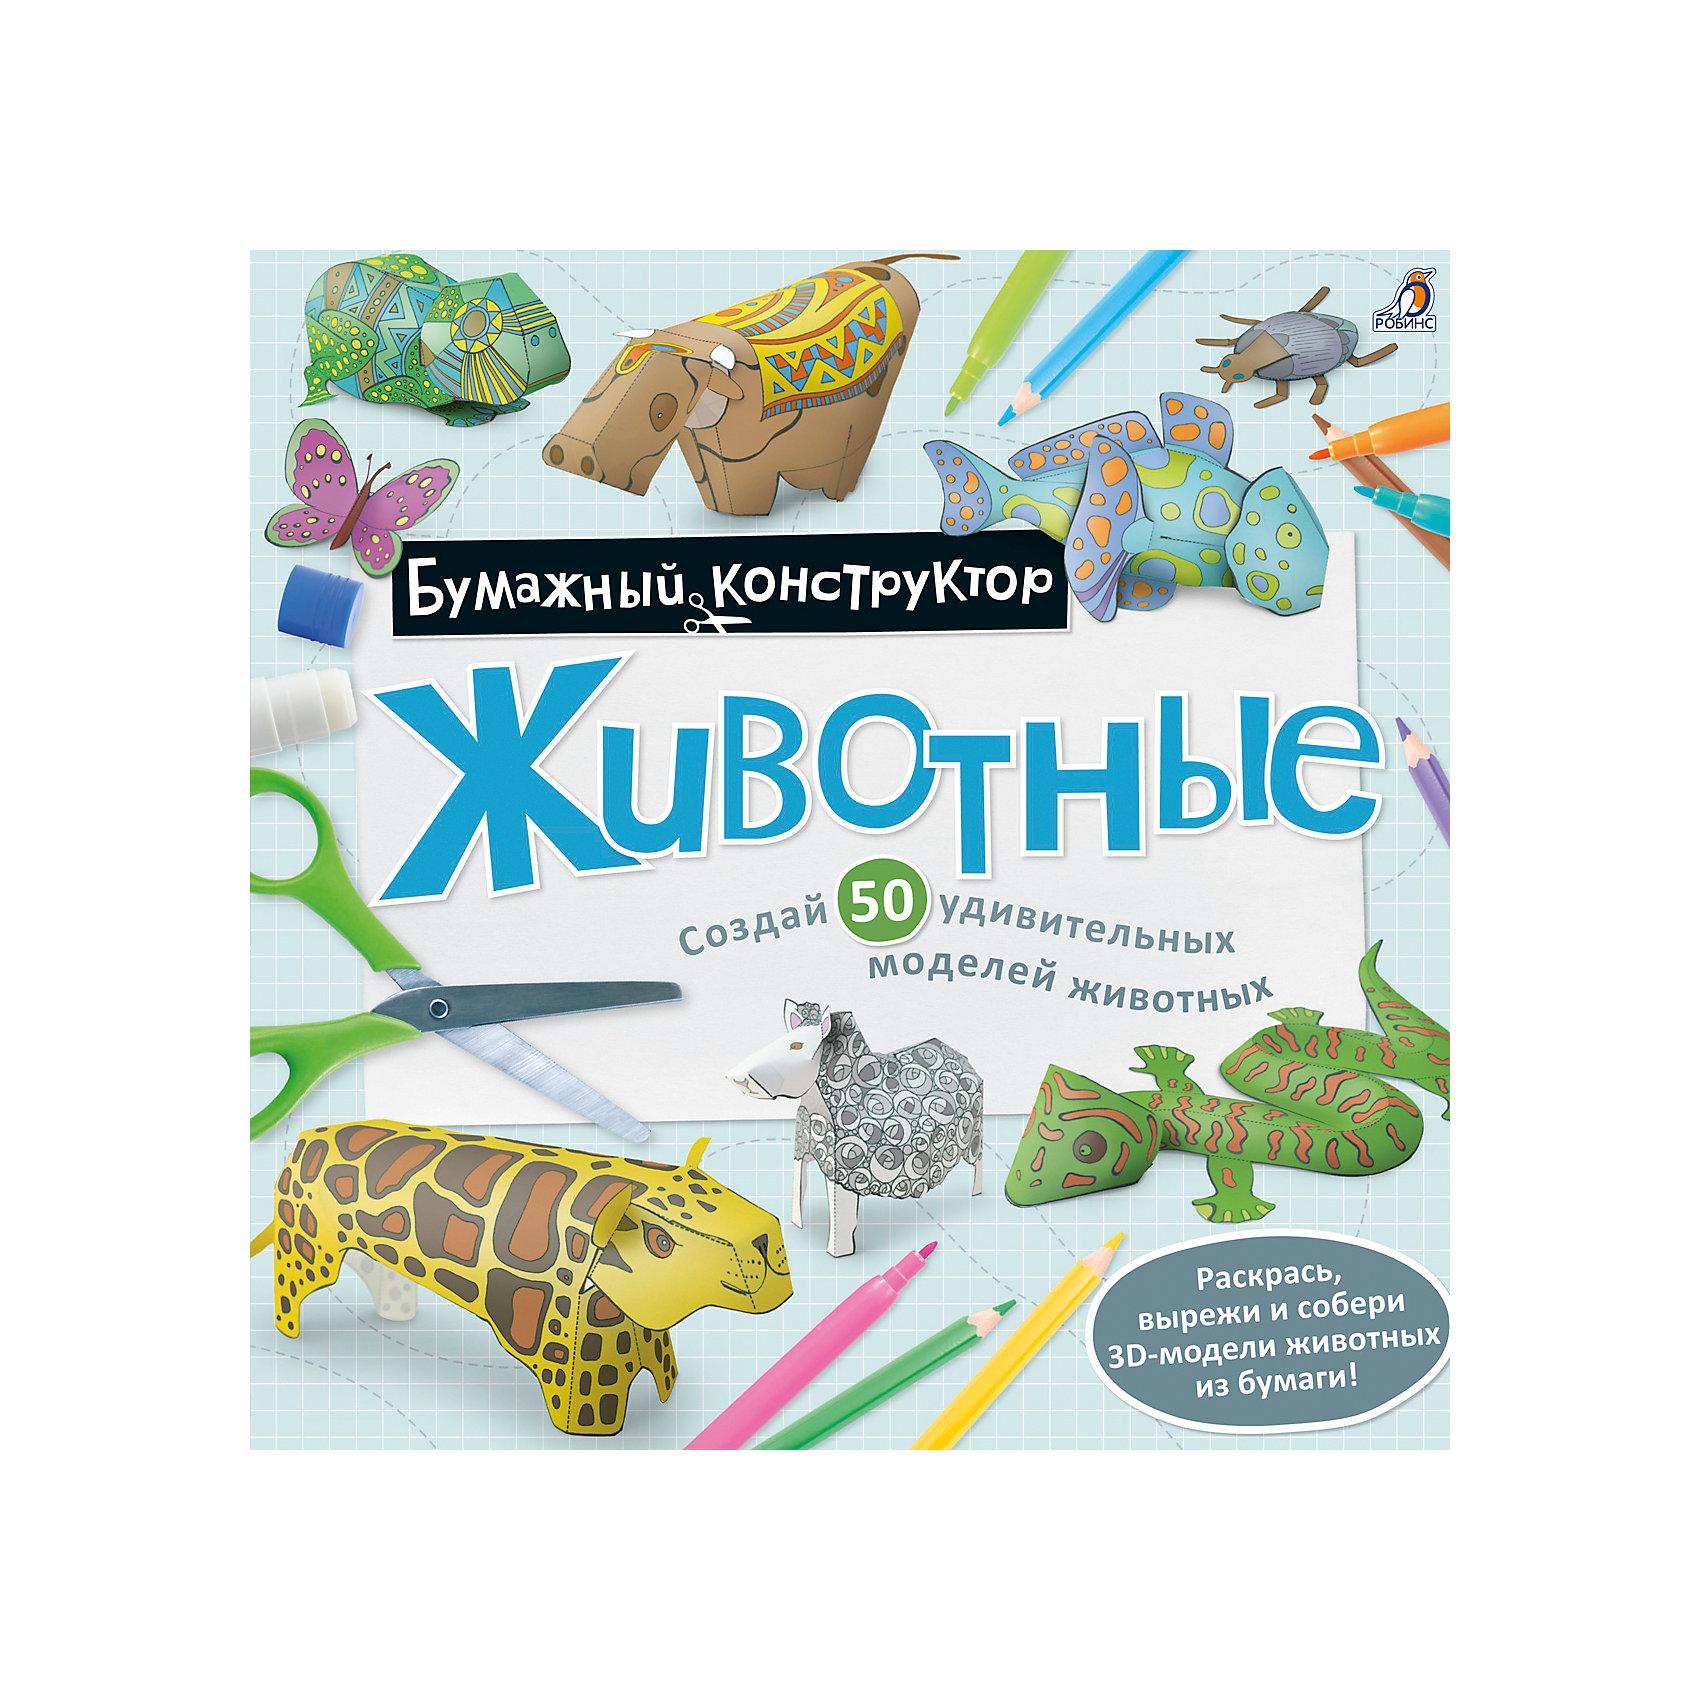 Раскраска-конструктор ЖивотныеРисование<br>Прояви настоящий дизайнерский талант, чтобы превратить обычную раскраску в яркие и красочные трёхмерные модели животных. Удивительные жуки, необыкновенные бабочки, ящерицы, черепахи, любимые домашние и дикие животные и даже самые опасные обитатели океанов ждут тебя на страницах этой книги.<br>Используй своё воображение и создай неповторимый окрас для каждого животного с помощью карандашей и фломастеров, собери конструктор с помощью клея и оживи всех обитателей книги.<br>Создай и собери свой собственный 3D-зоопарк!<br>В этой книге вы найдёте отличные идеи для творчества, модели конструктора и 50 бумажных животных. Развивайте творческие навыки, пространственное мышление, воображение вместе с книгой «Бумажный конструктор. ЖИВОТНЫЕ».<br><br>Ширина мм: 155<br>Глубина мм: 100<br>Высота мм: 26<br>Вес г: 155<br>Возраст от месяцев: 48<br>Возраст до месяцев: 108<br>Пол: Унисекс<br>Возраст: Детский<br>SKU: 5034130